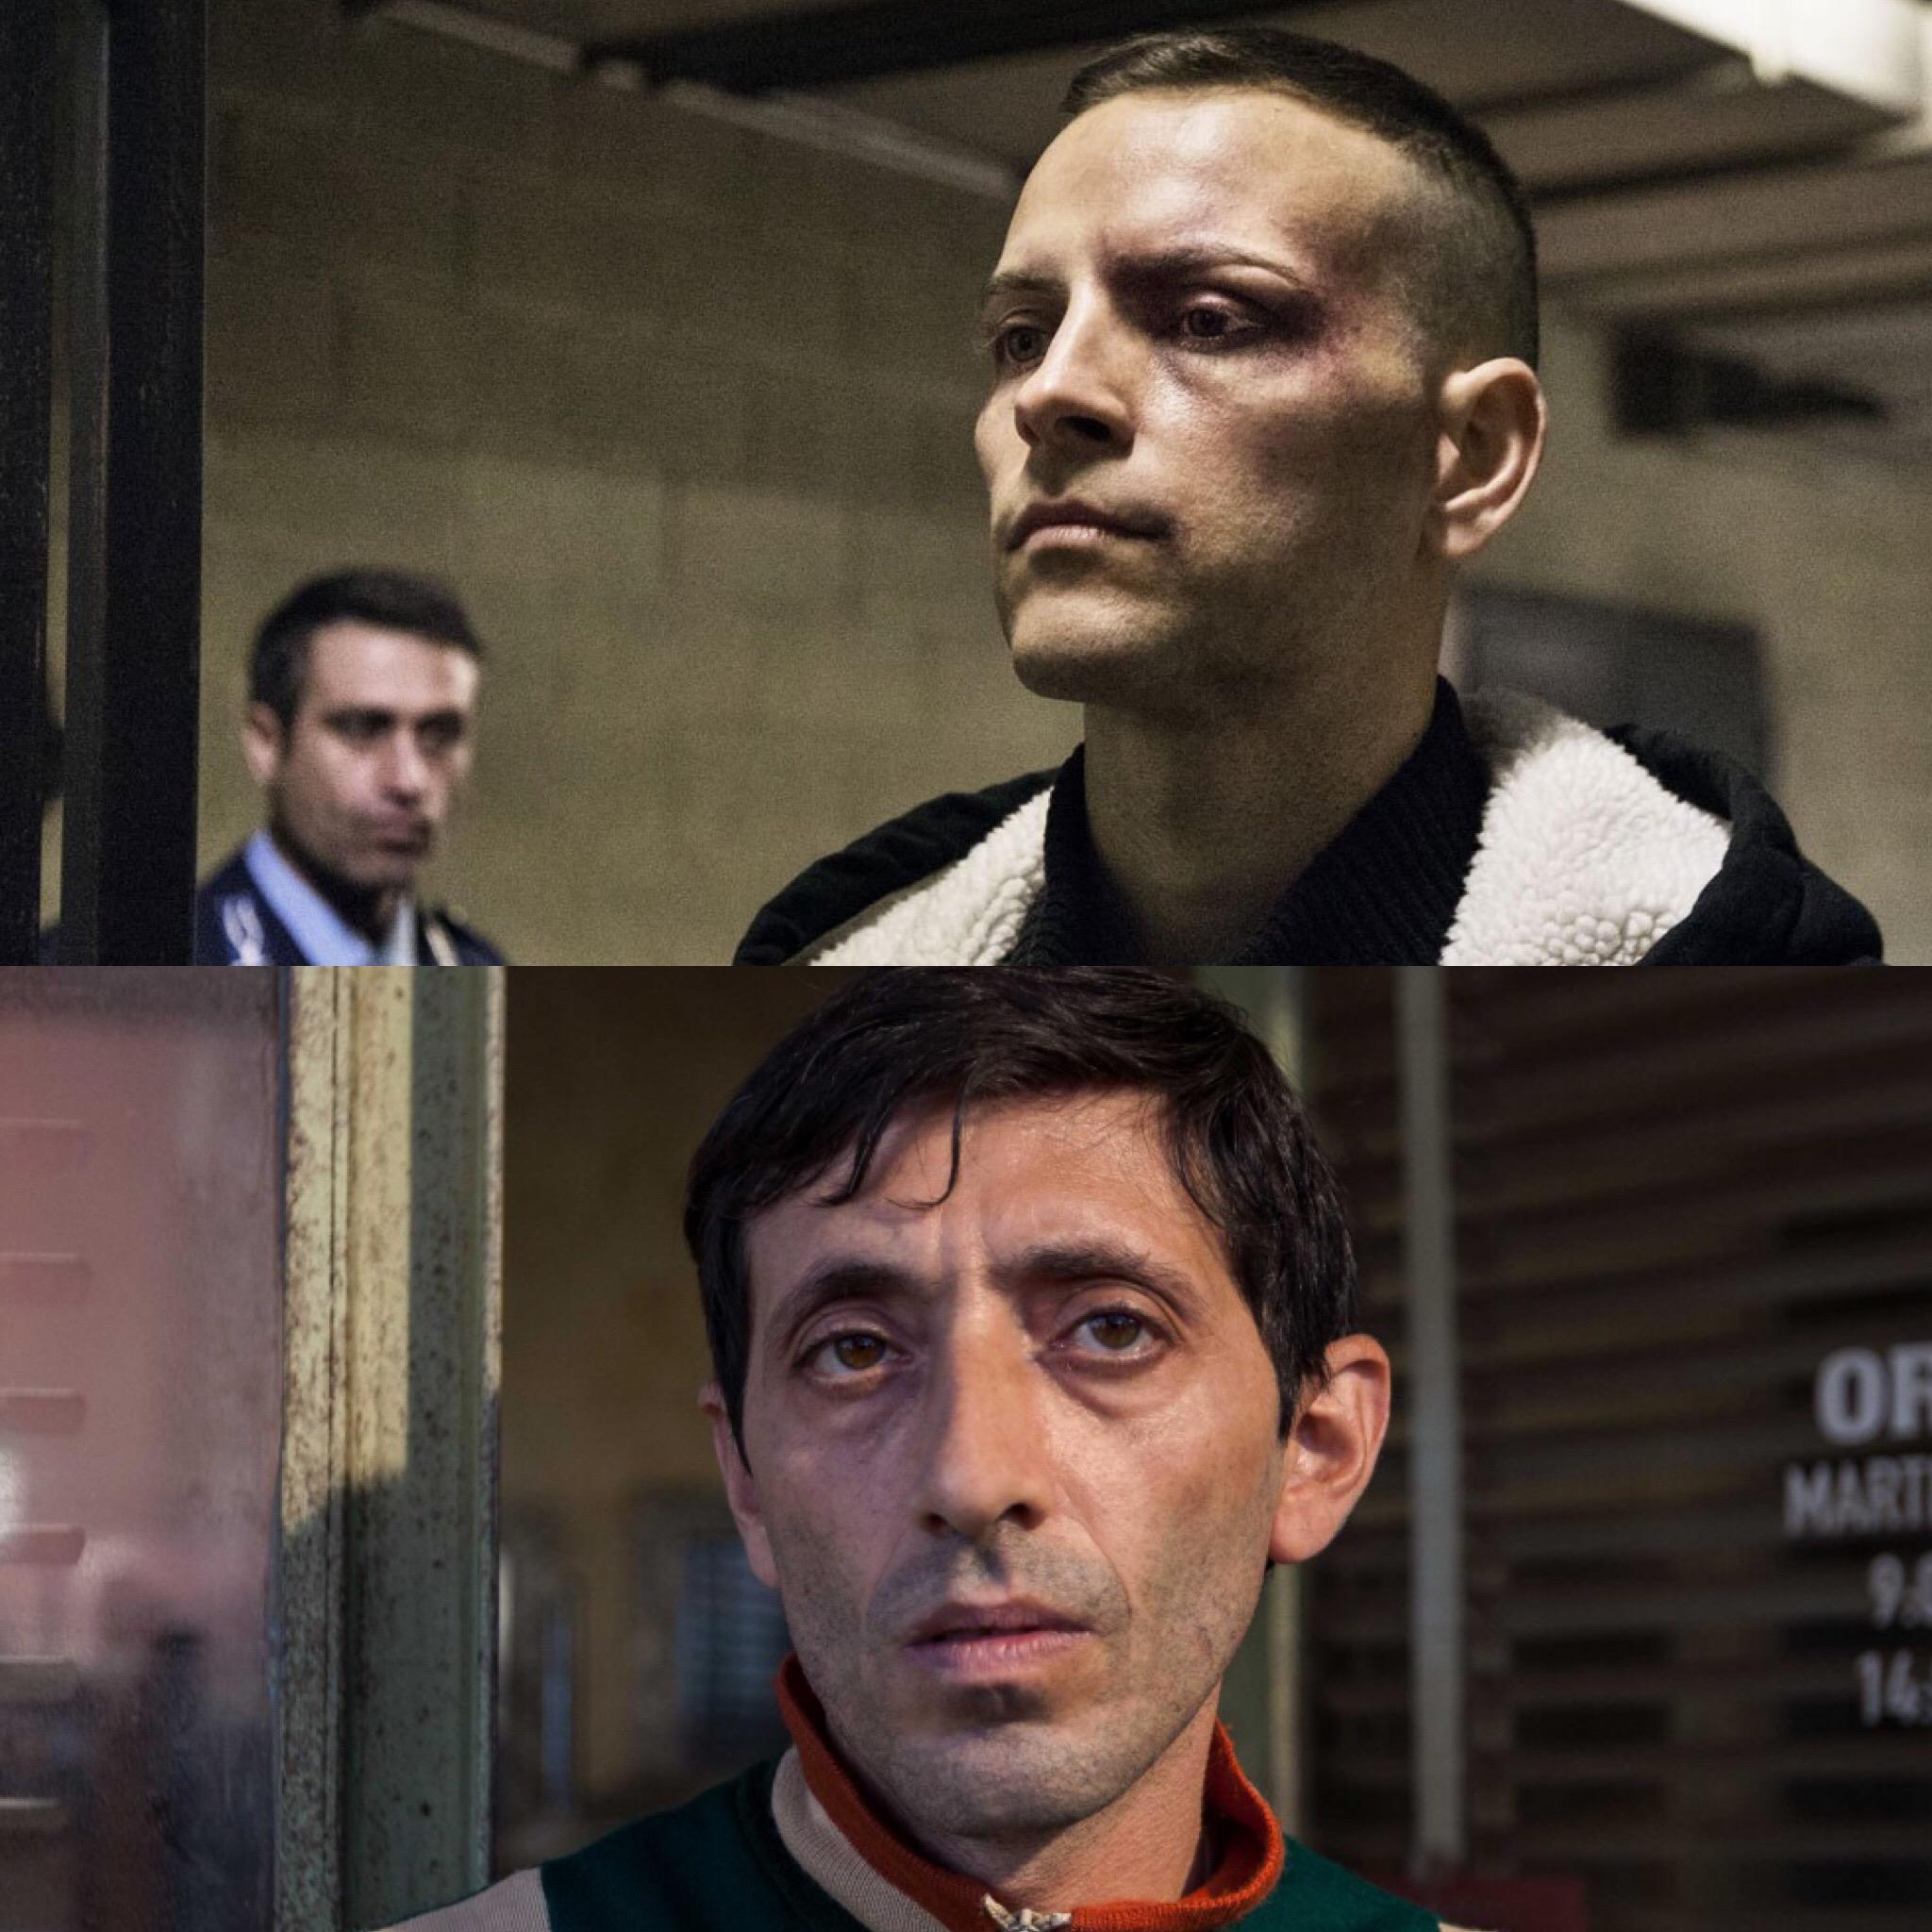 Alessandro Borghi e Marcello Fonte candidati ai David Di Donatello